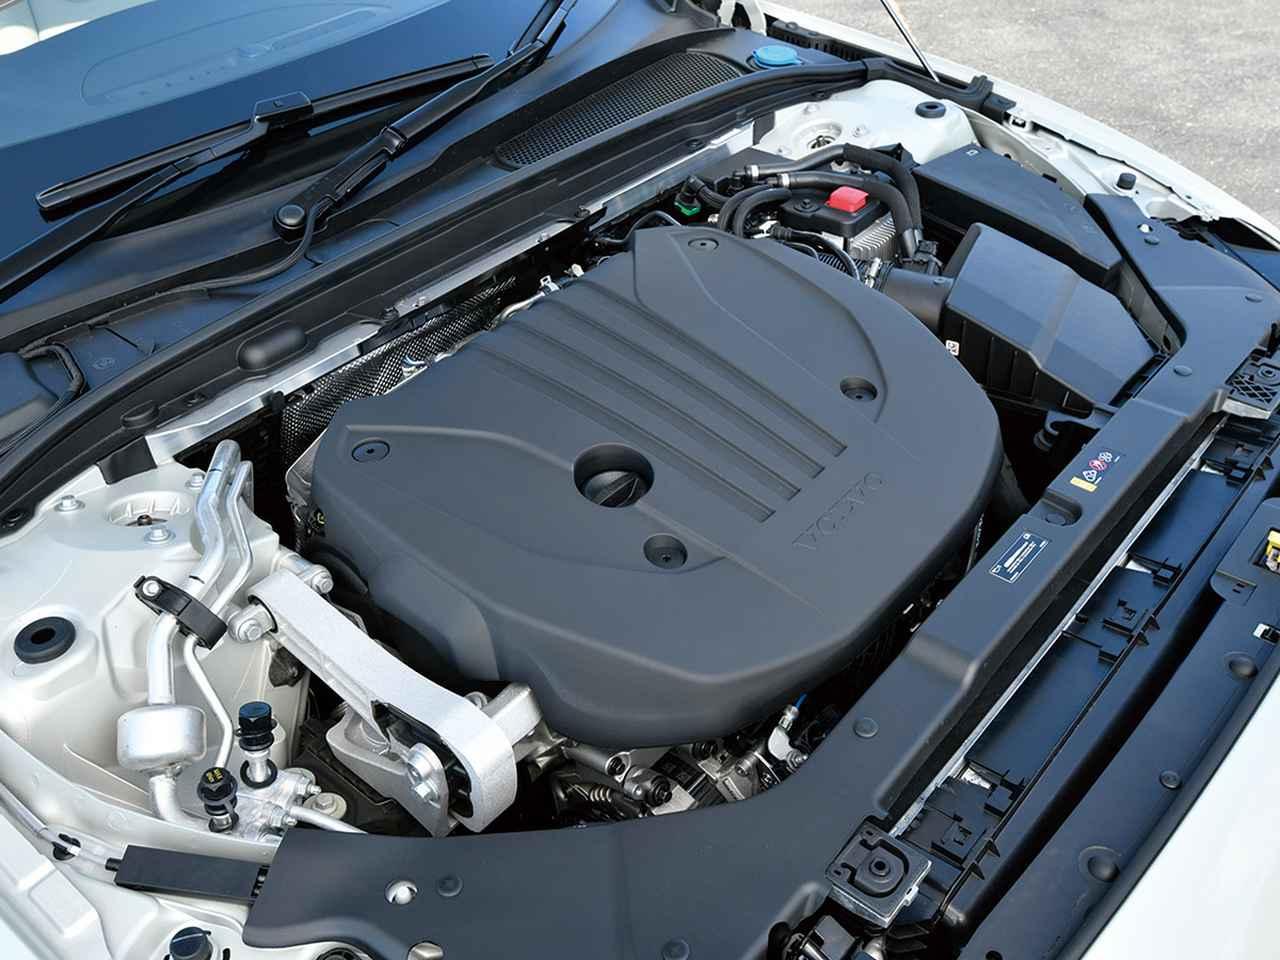 アンダー500万円のジュリア スプリント × V60 B4モメンタム。FRセダンと快適ワゴンの、対照的な2台